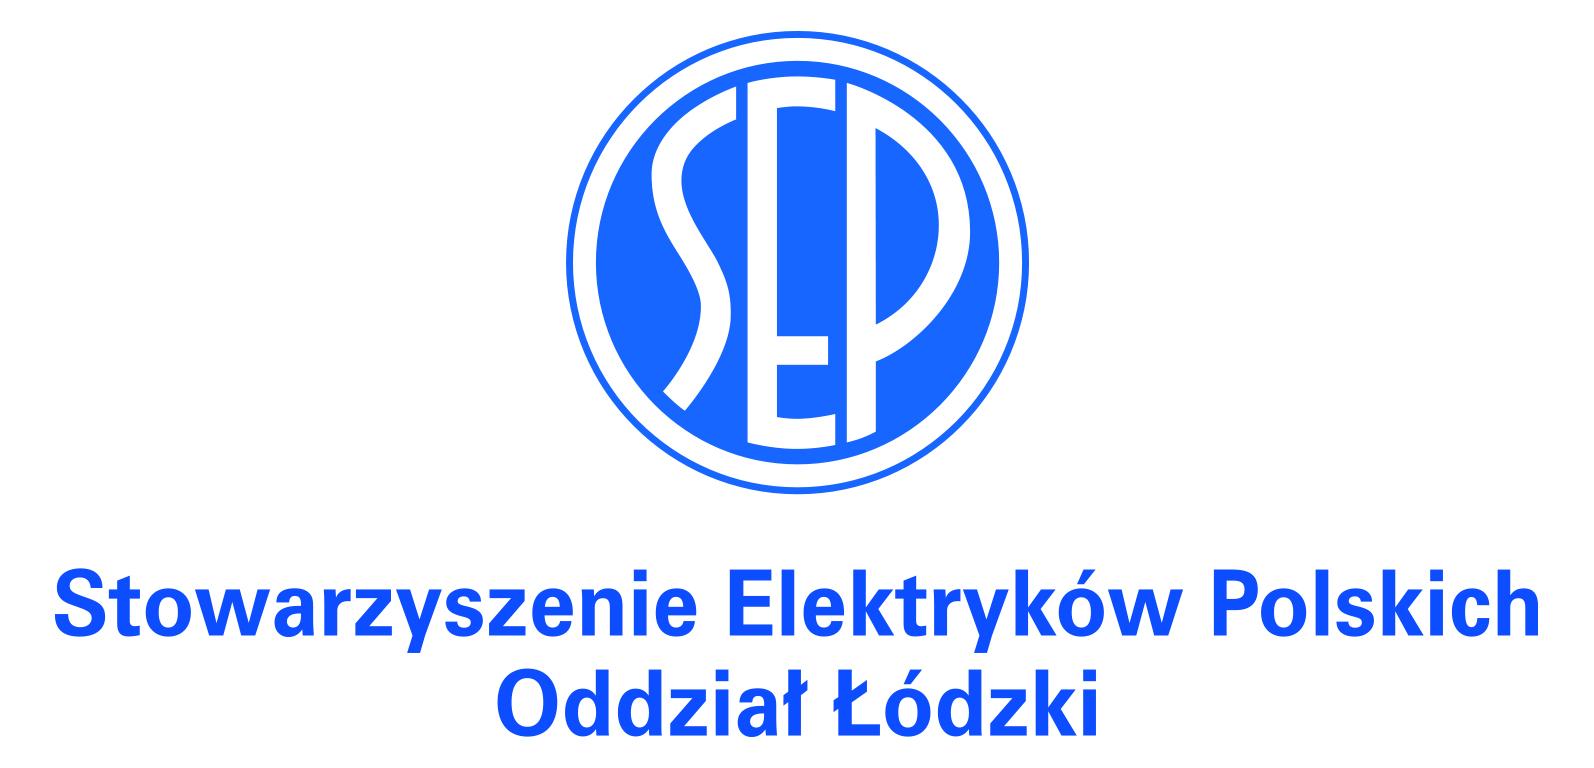 Logo Stowarzyszenie Elektryków Polskich Oddział Łódzki